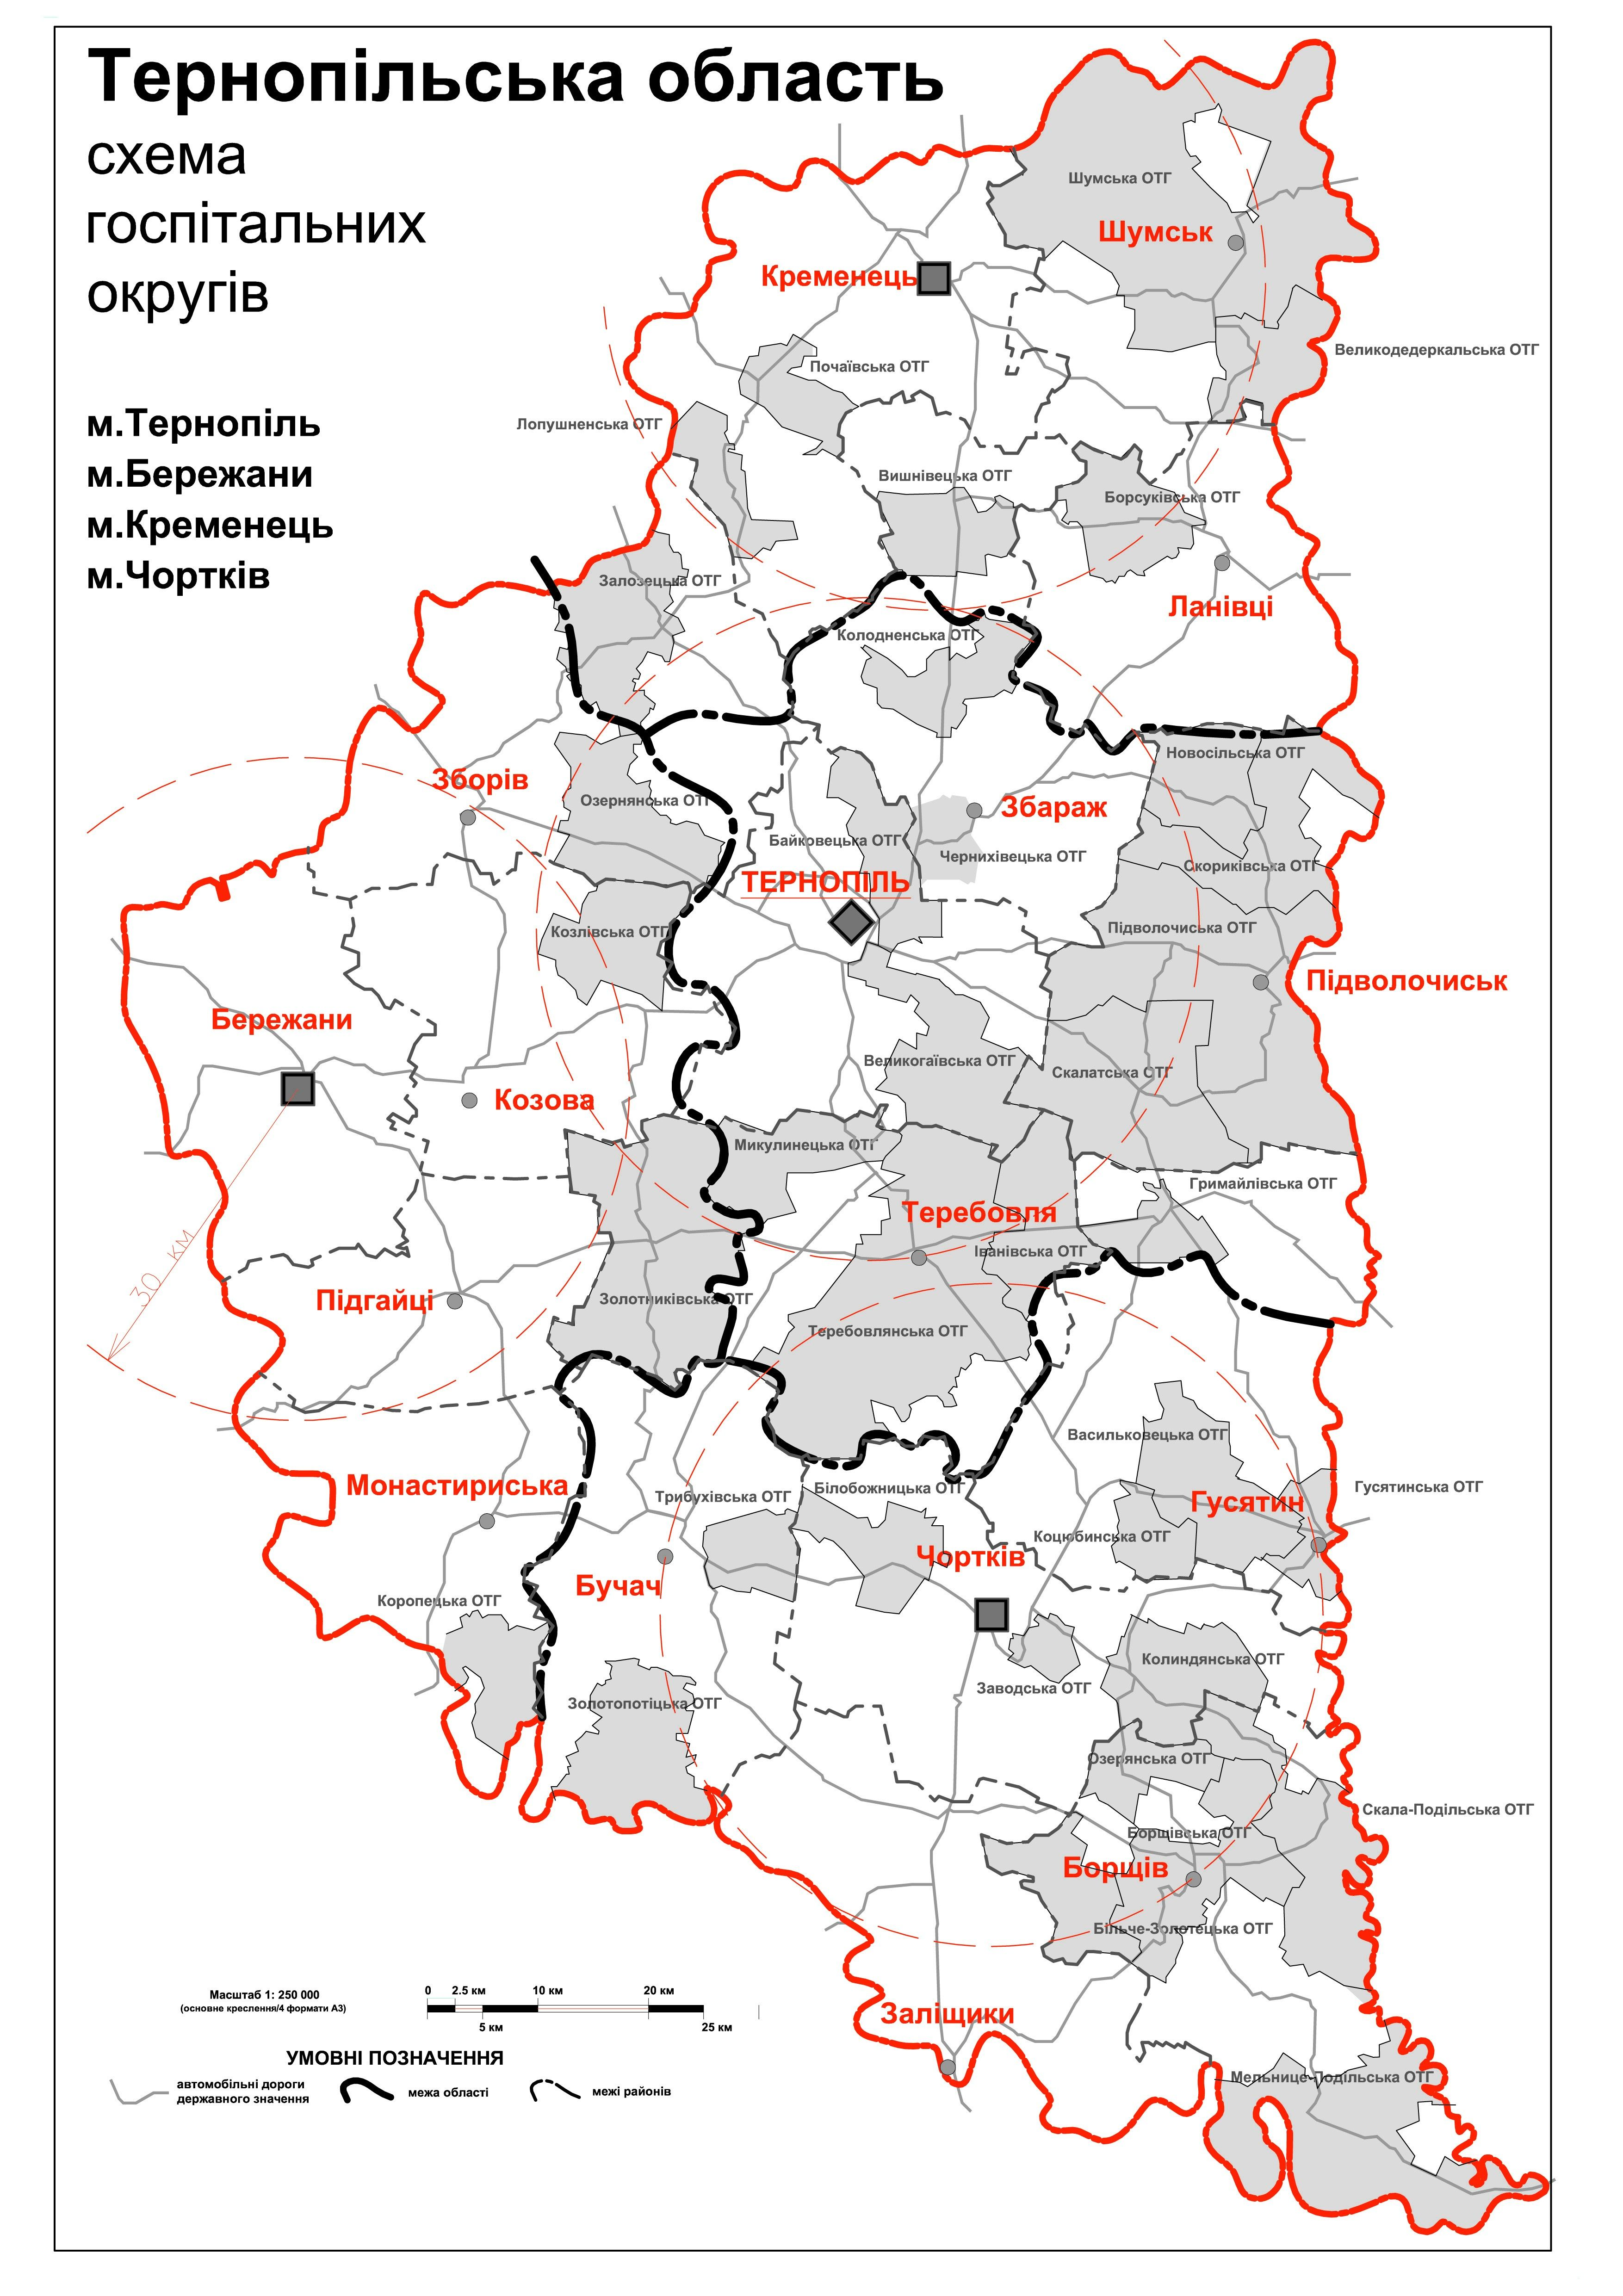 В Тернопільській області кількість районів планують зменшити до кількості госпітальних округів з відповідними територіальними межами